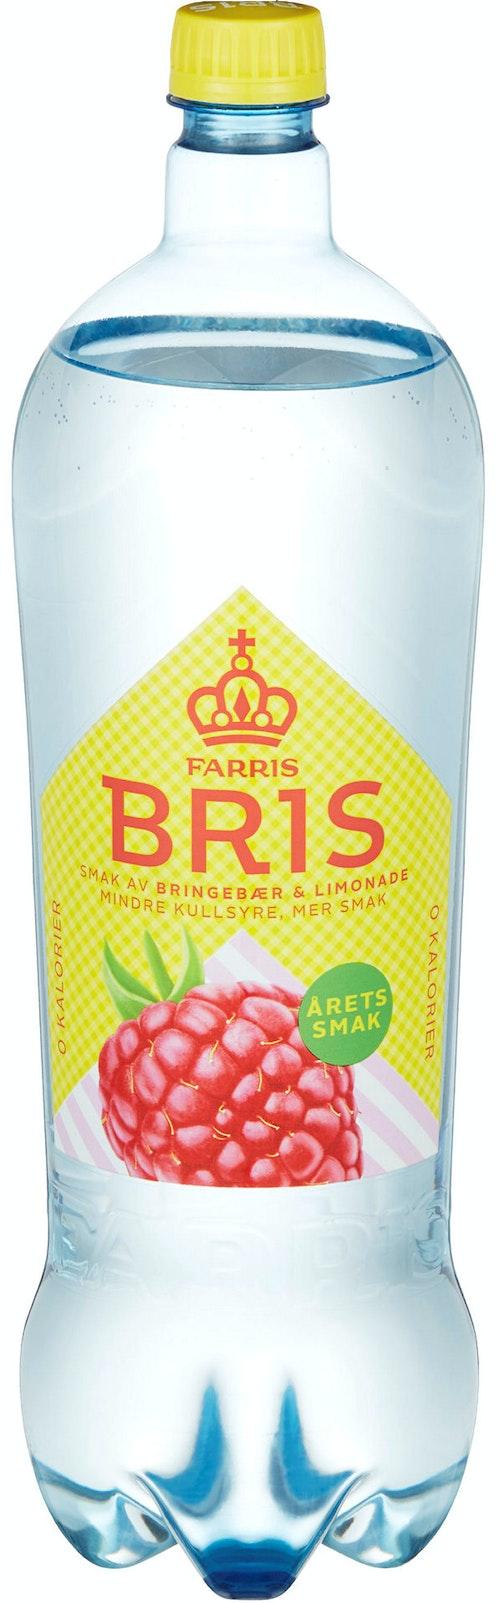 Ringnes Farris Bris Bringebær Limonade 1,5 l